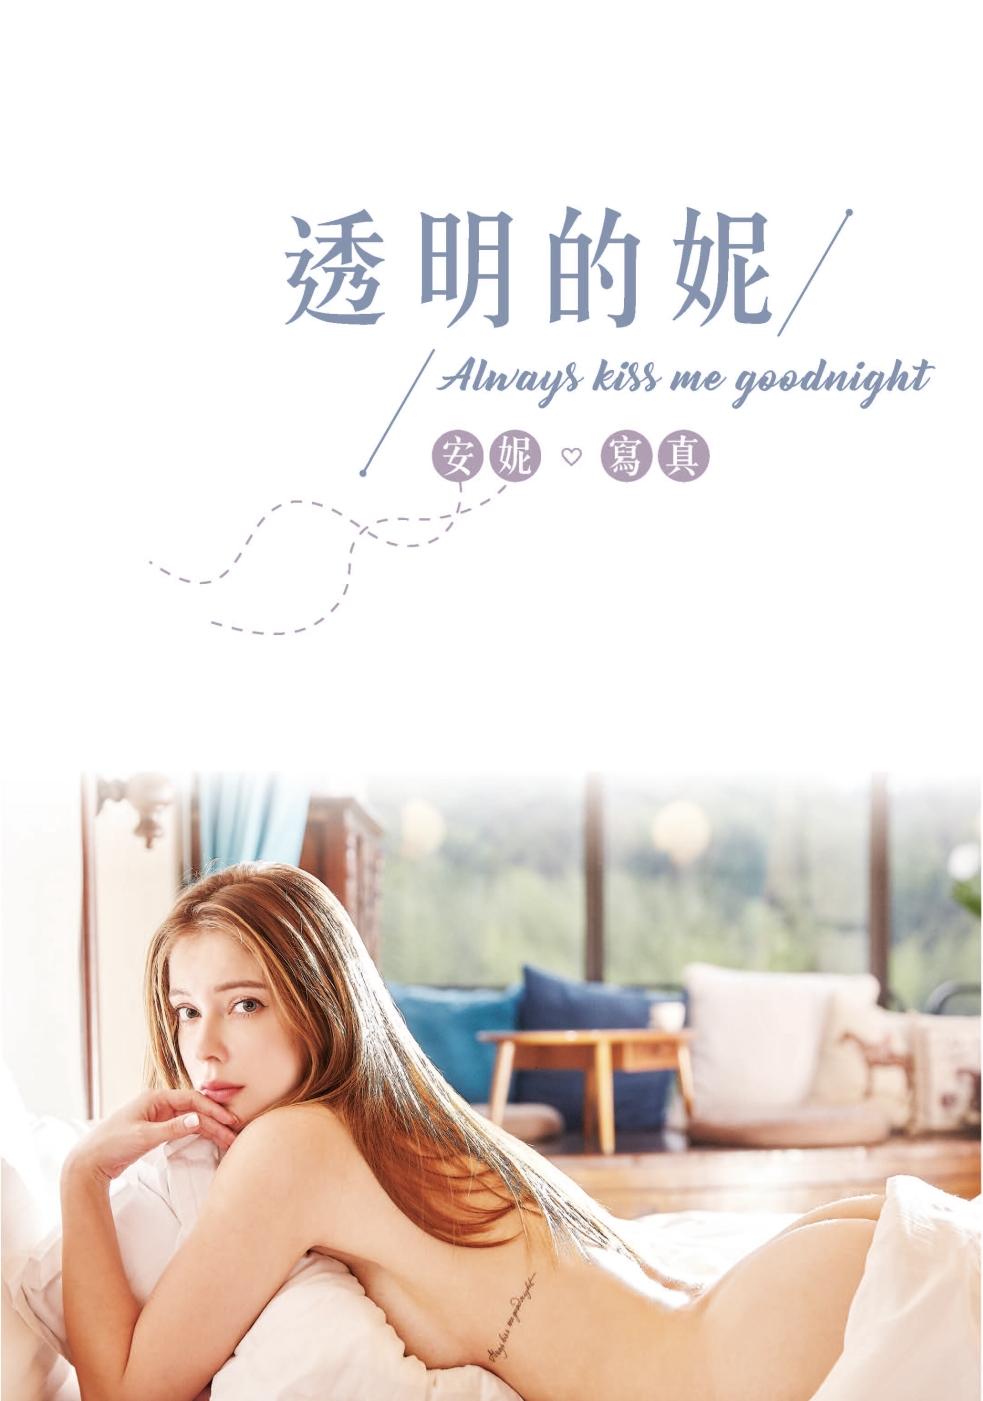 透明的妮 Always kiss me goodnight:安妮寫真